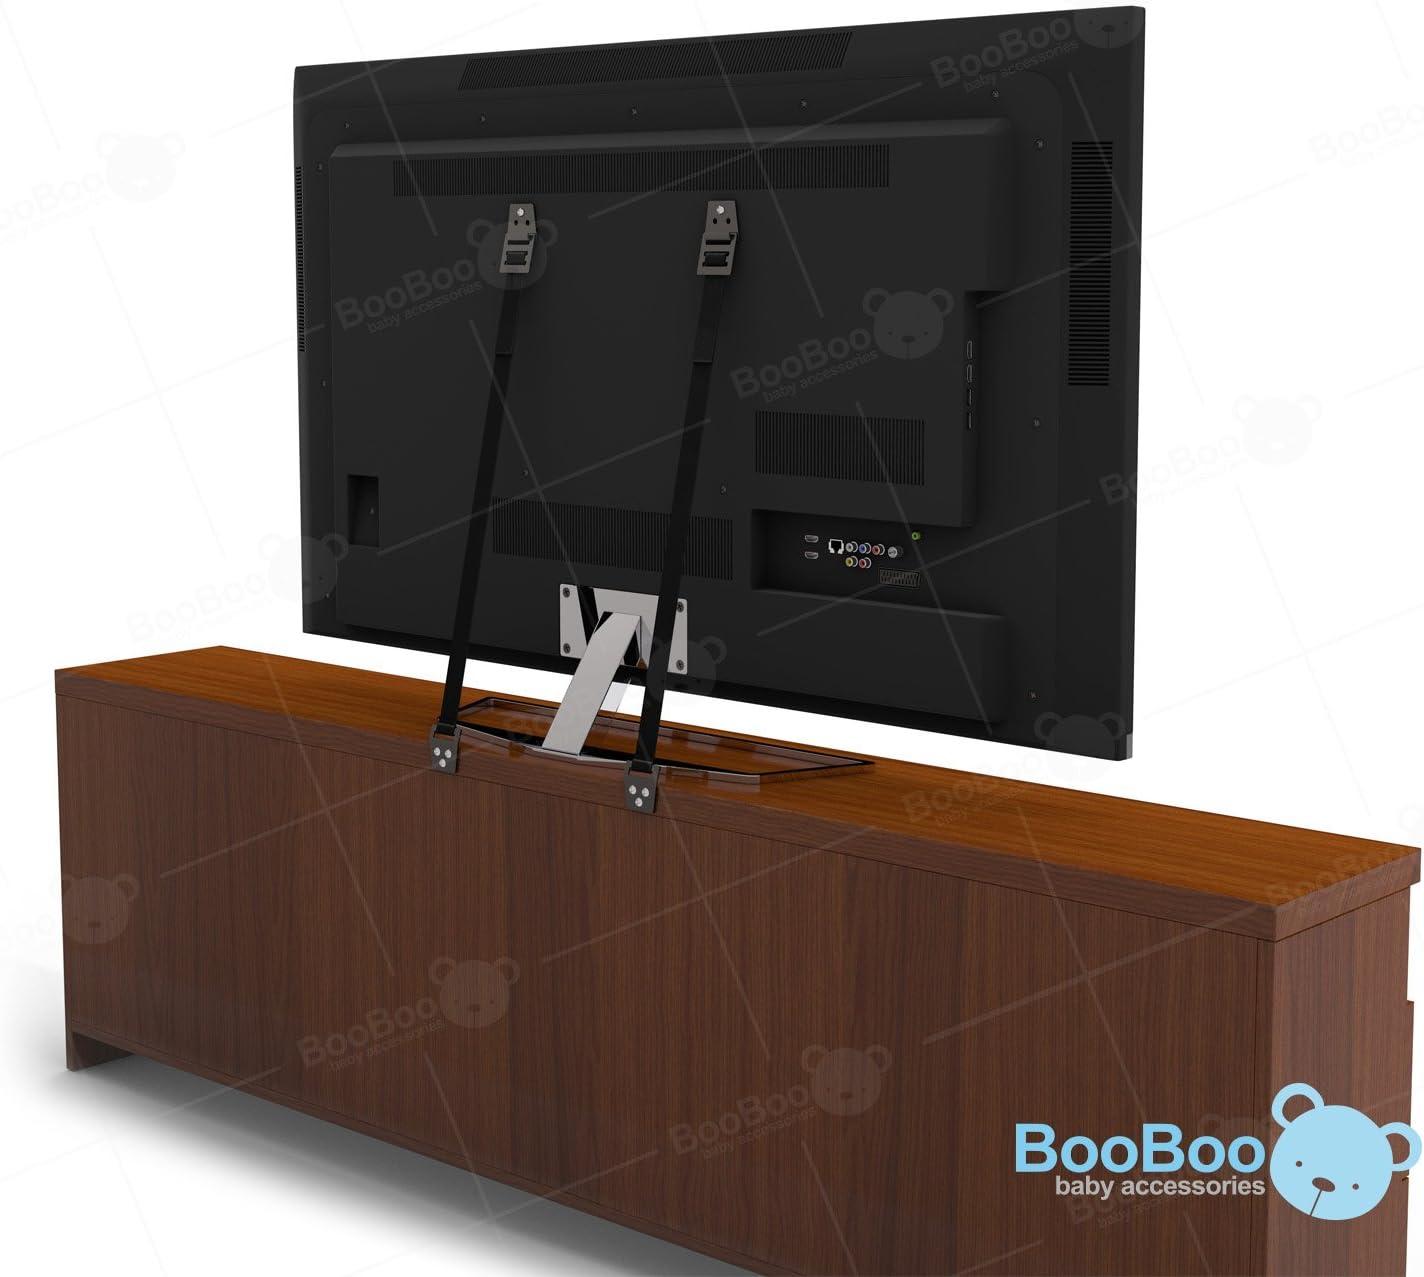 BooBoo - Juego de 2 correas de seguridad resistentes: Amazon.es ...